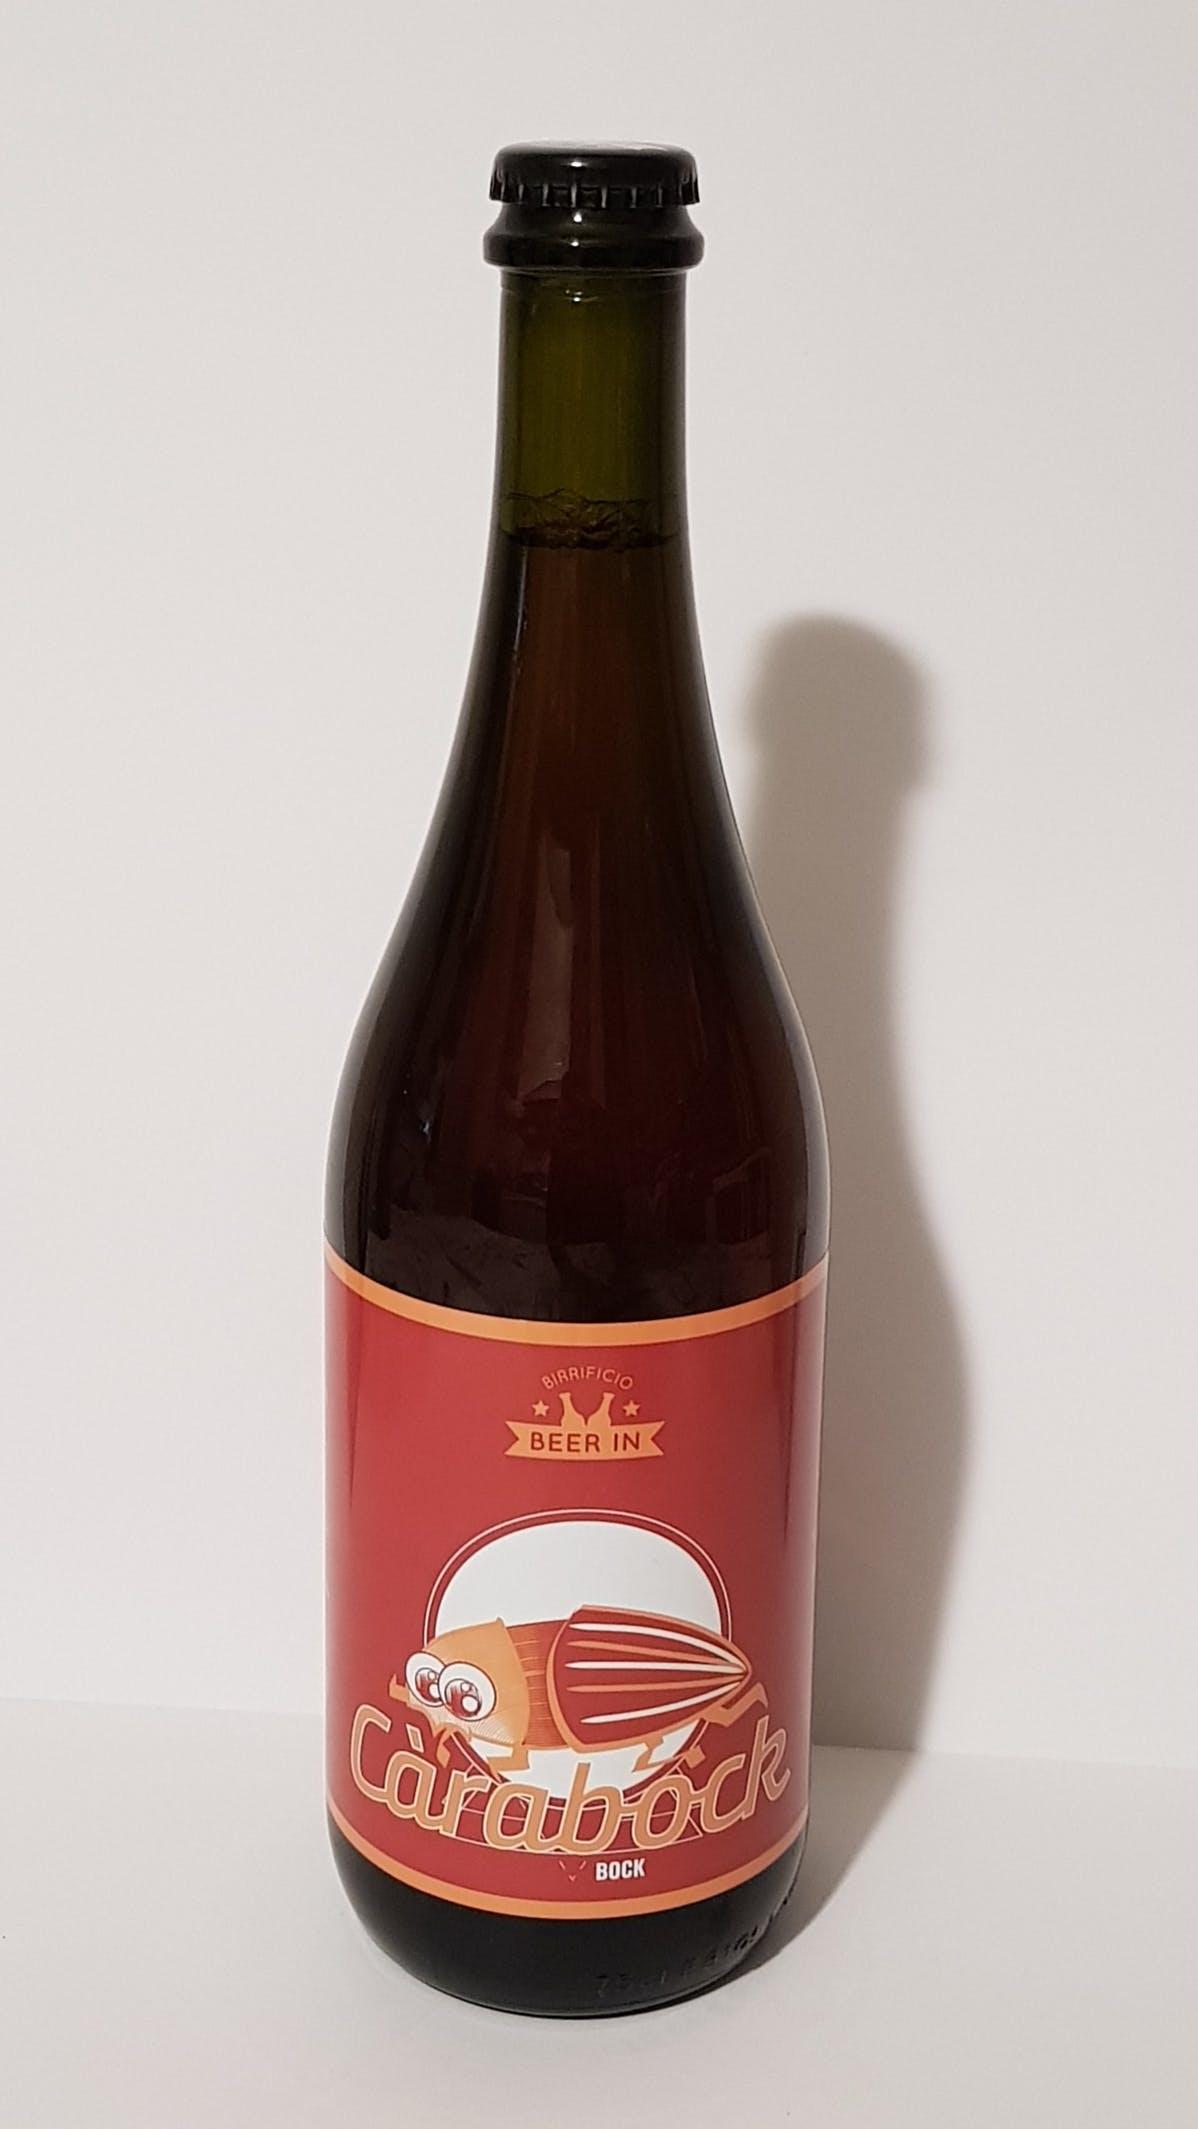 Beer in Carabock 75cl alc.6% vol.